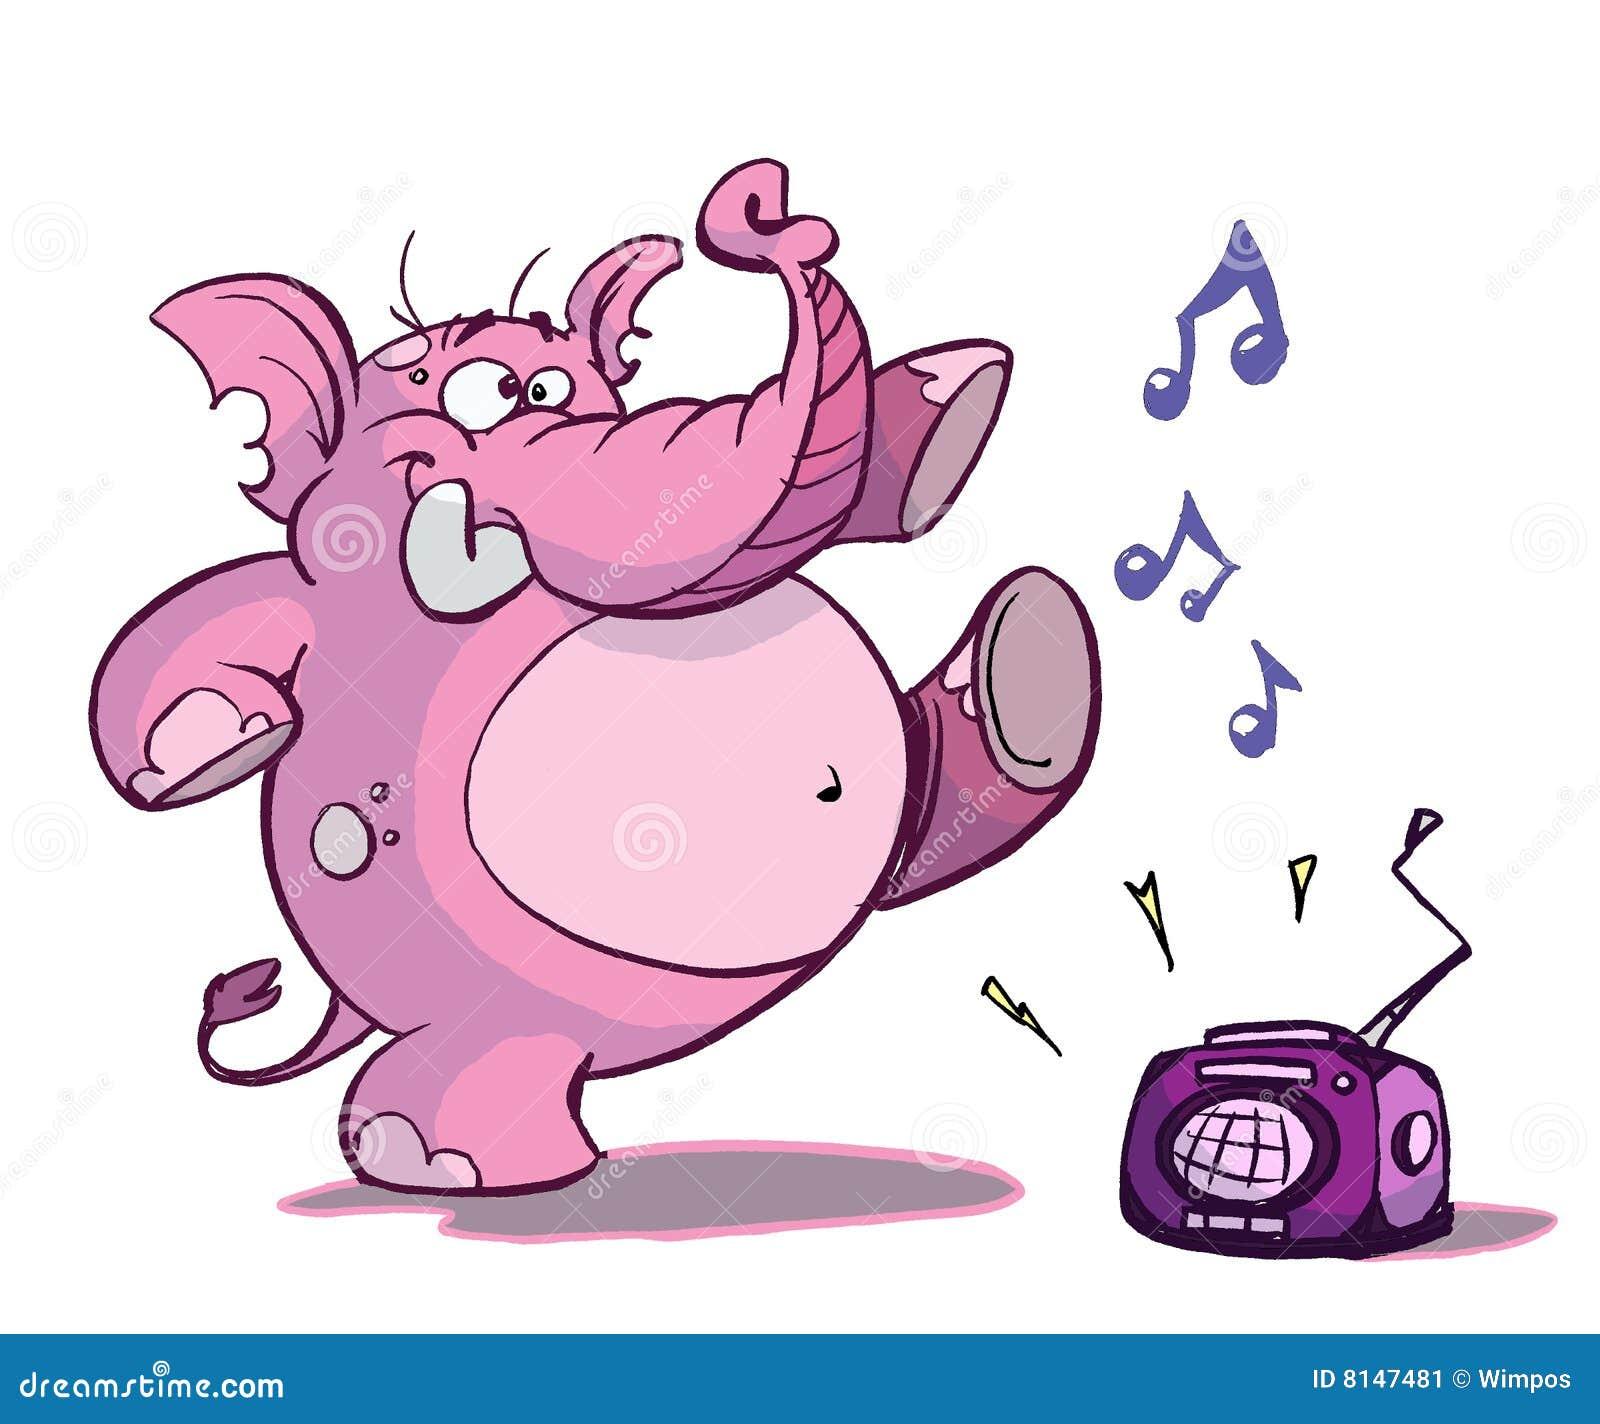 Dancing Elephant Stock Image - Image: 8147481